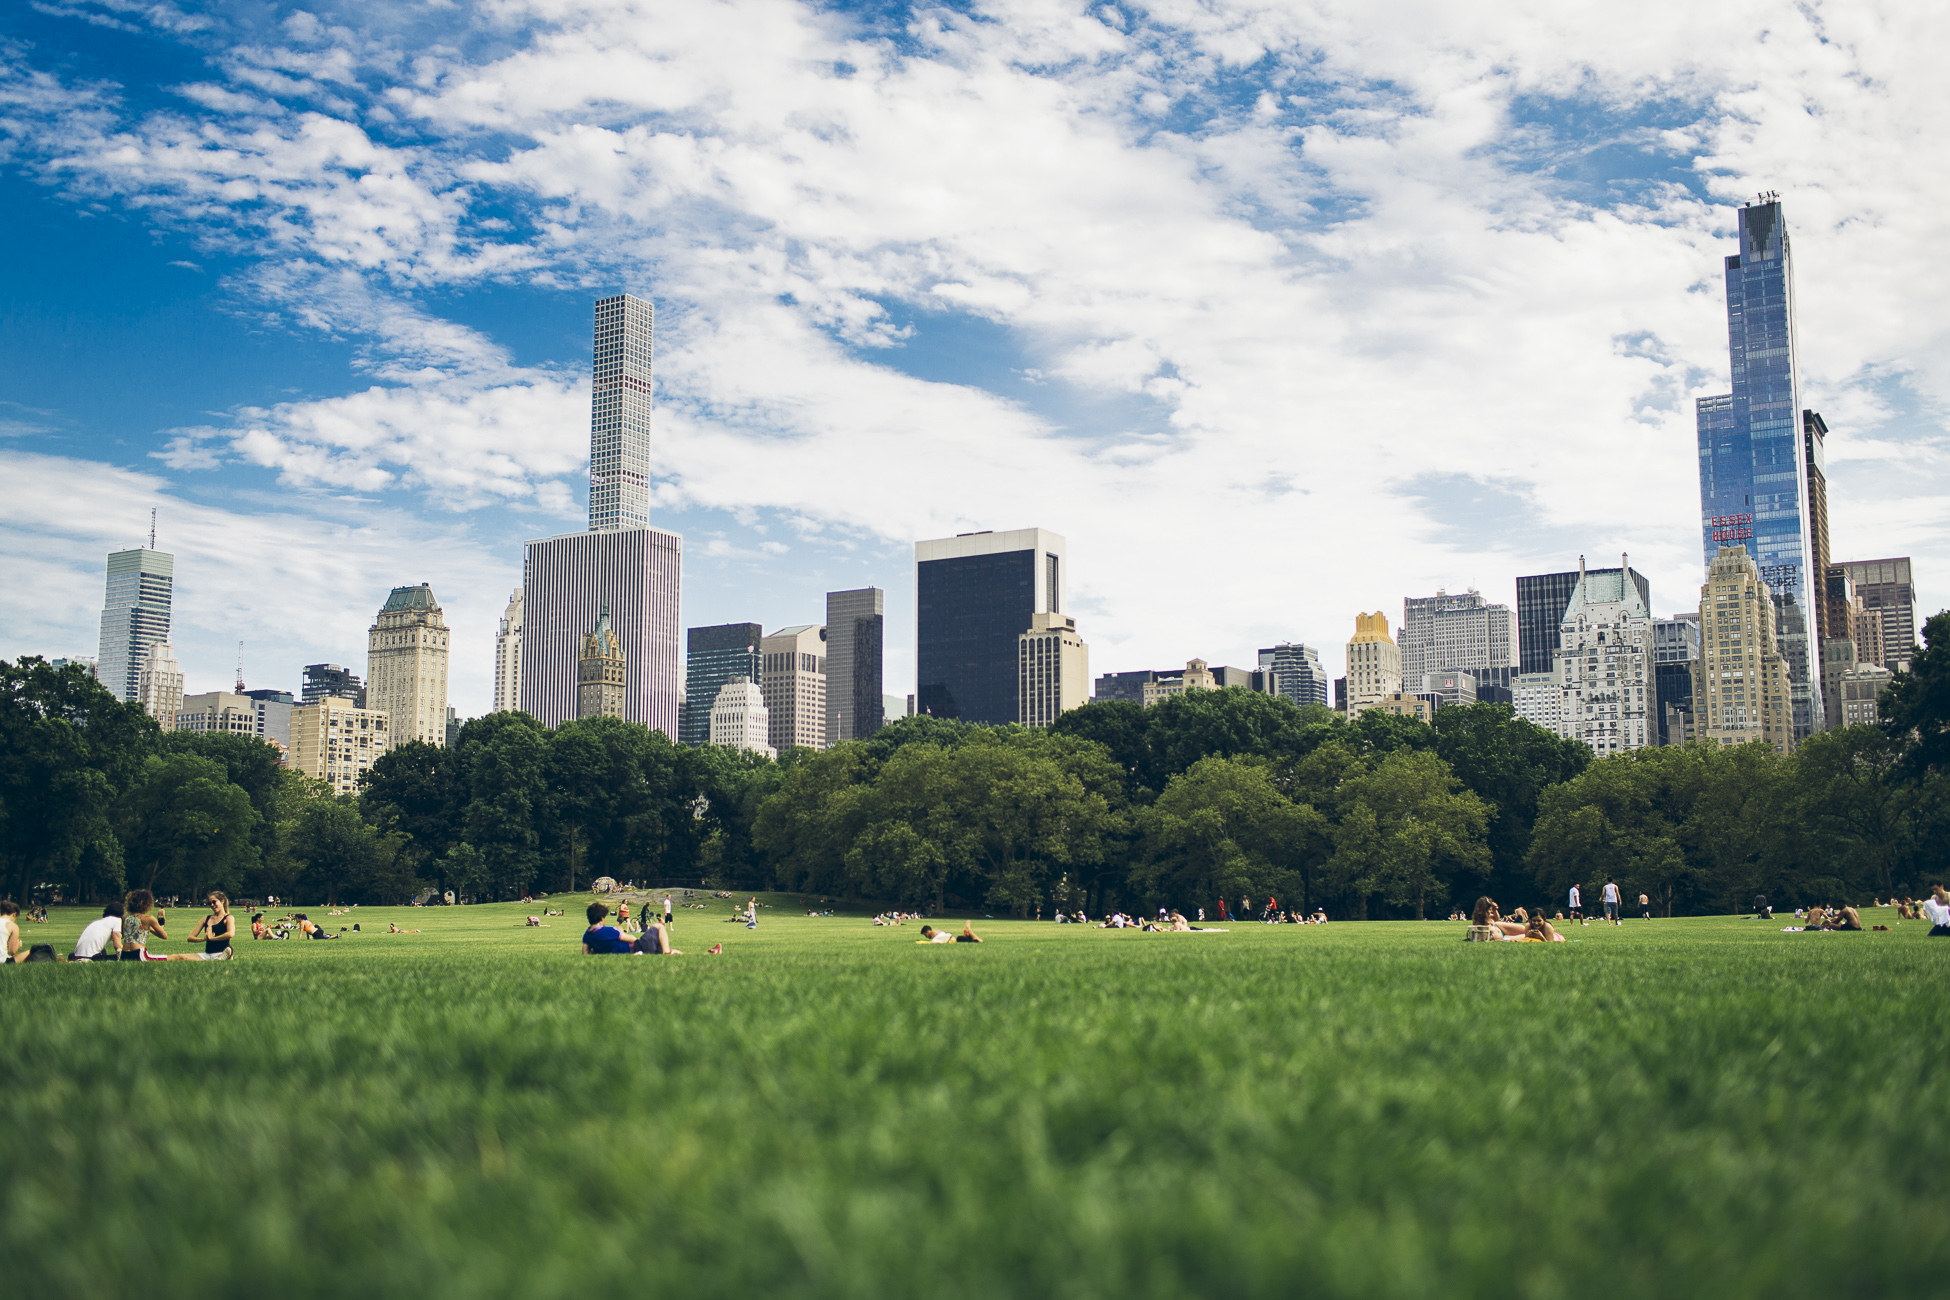 desktoglory_usa_newyork_1